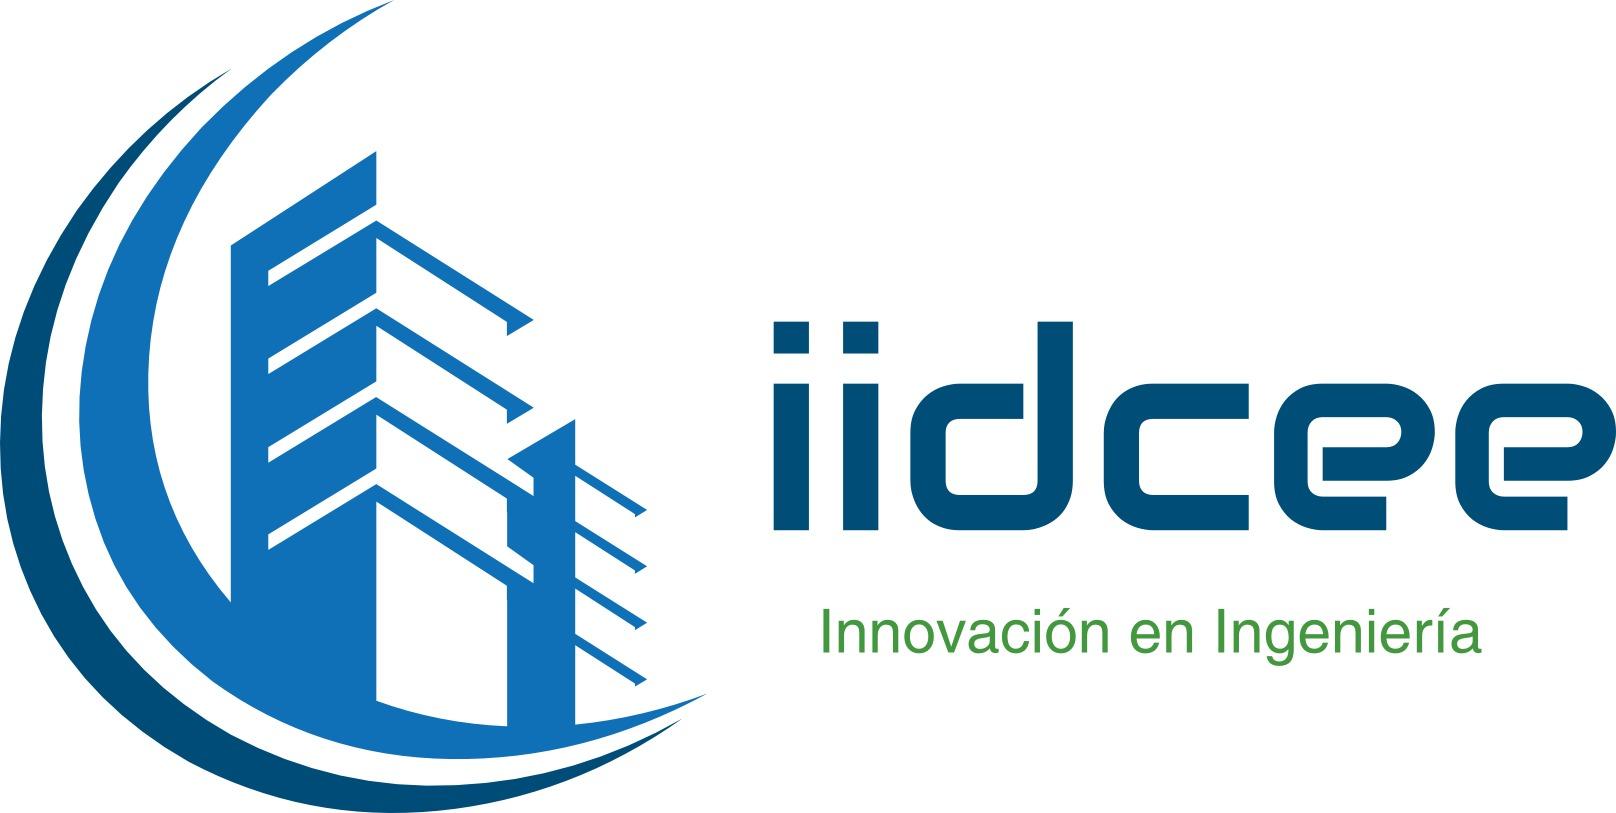 iidcee, Innovación en Ingeniería, Diseño, Construcción; Estructural y Eléctrica